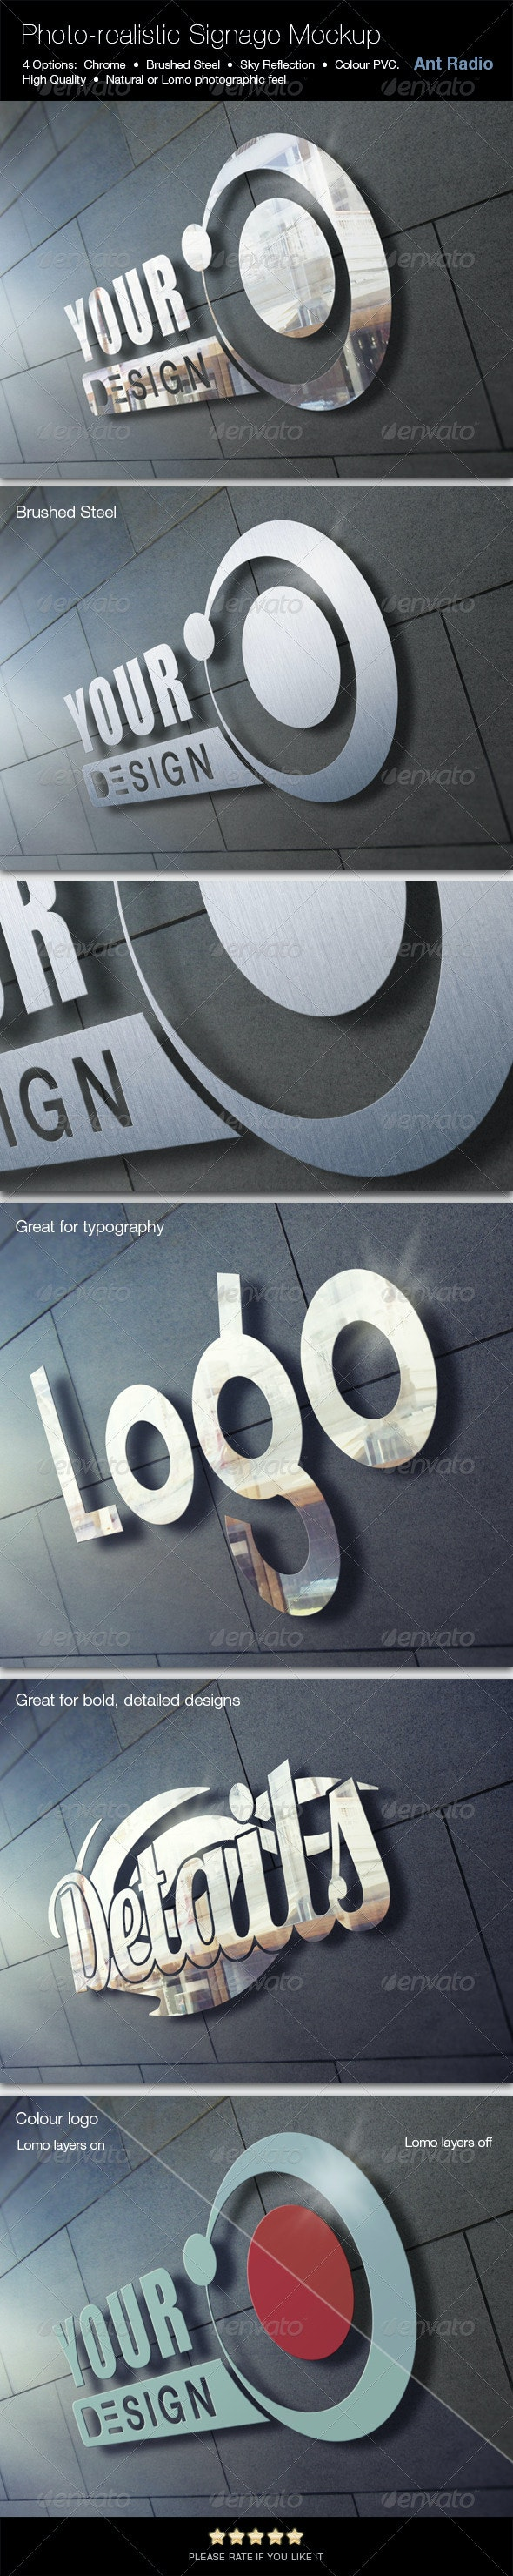 Photorealistic Metal Signage Mock-up - Signage Print